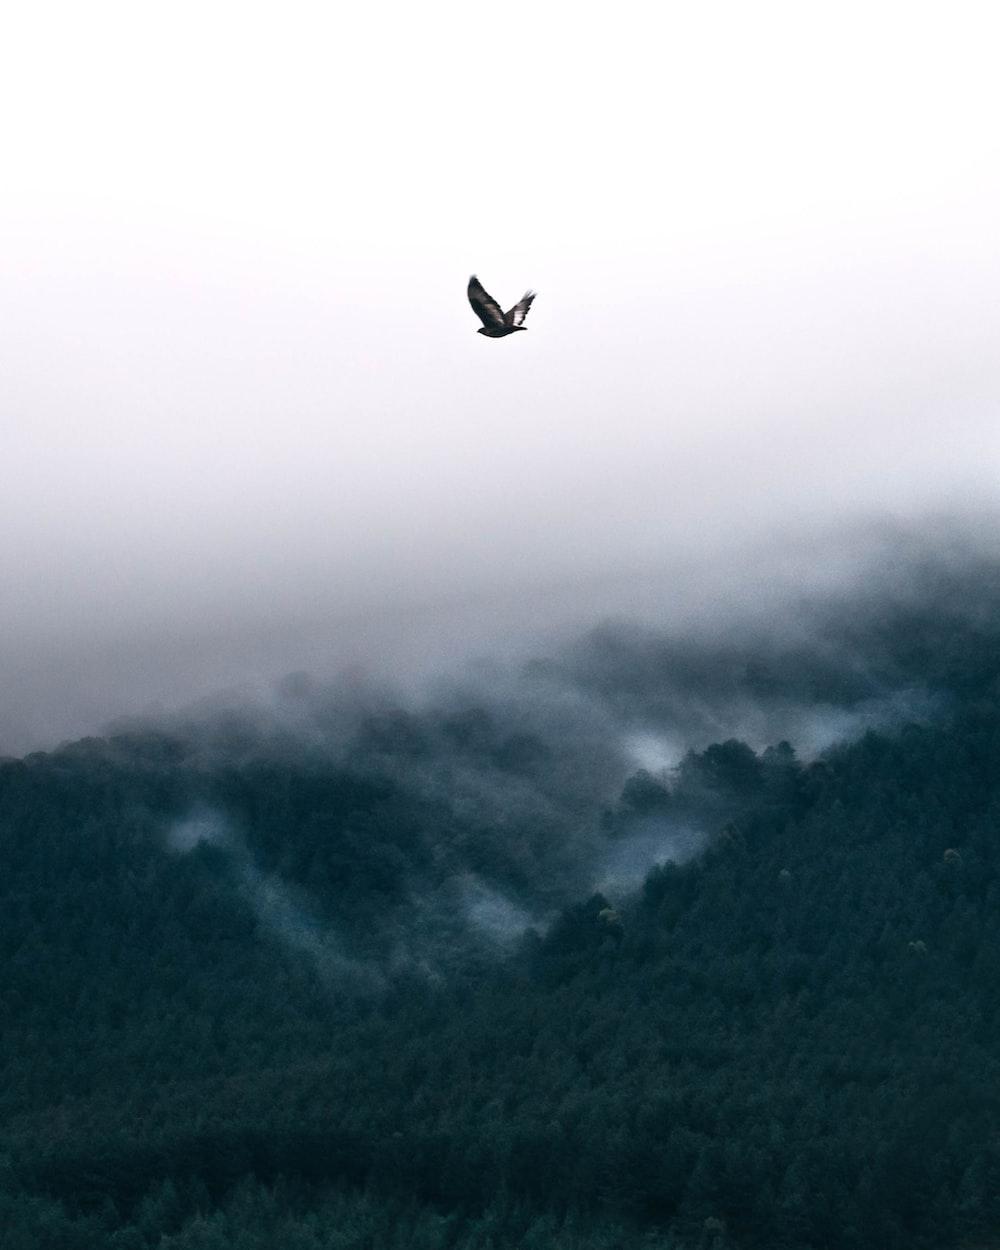 bird flying near mountain during daytime